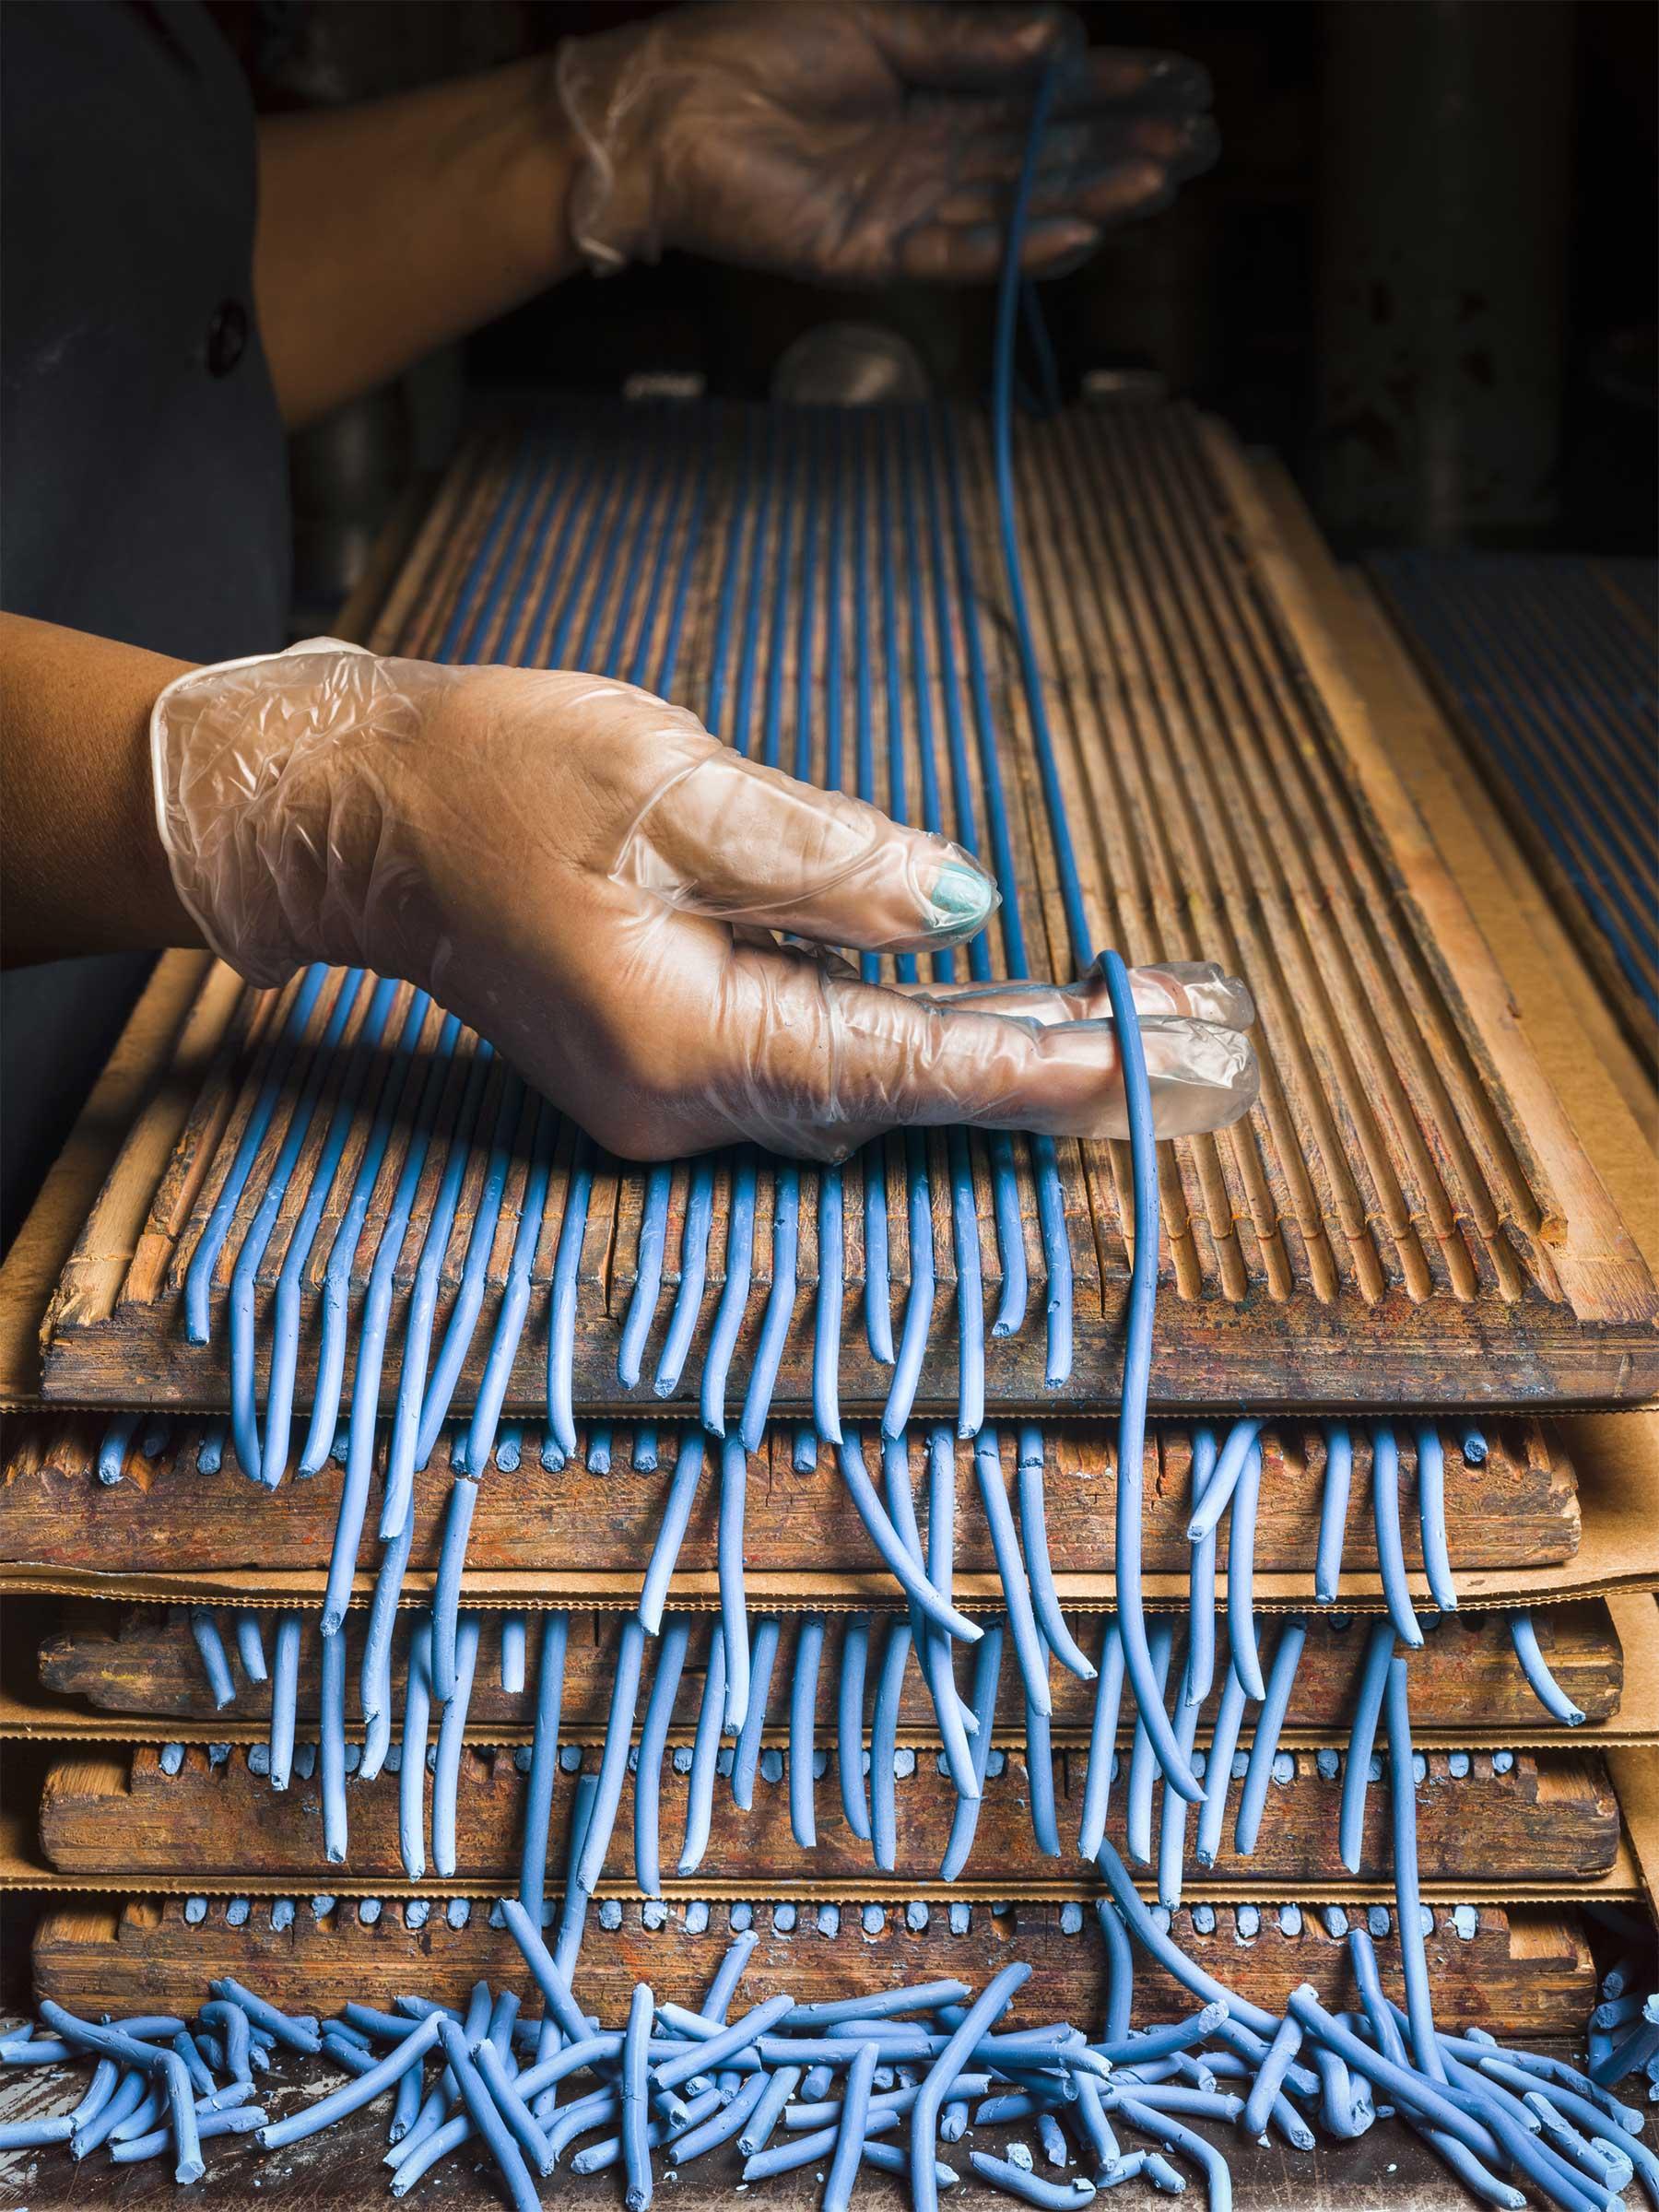 Zu Besuch in einer Bleistiftfabrik Christopher-Payne-general-pencil-company_03